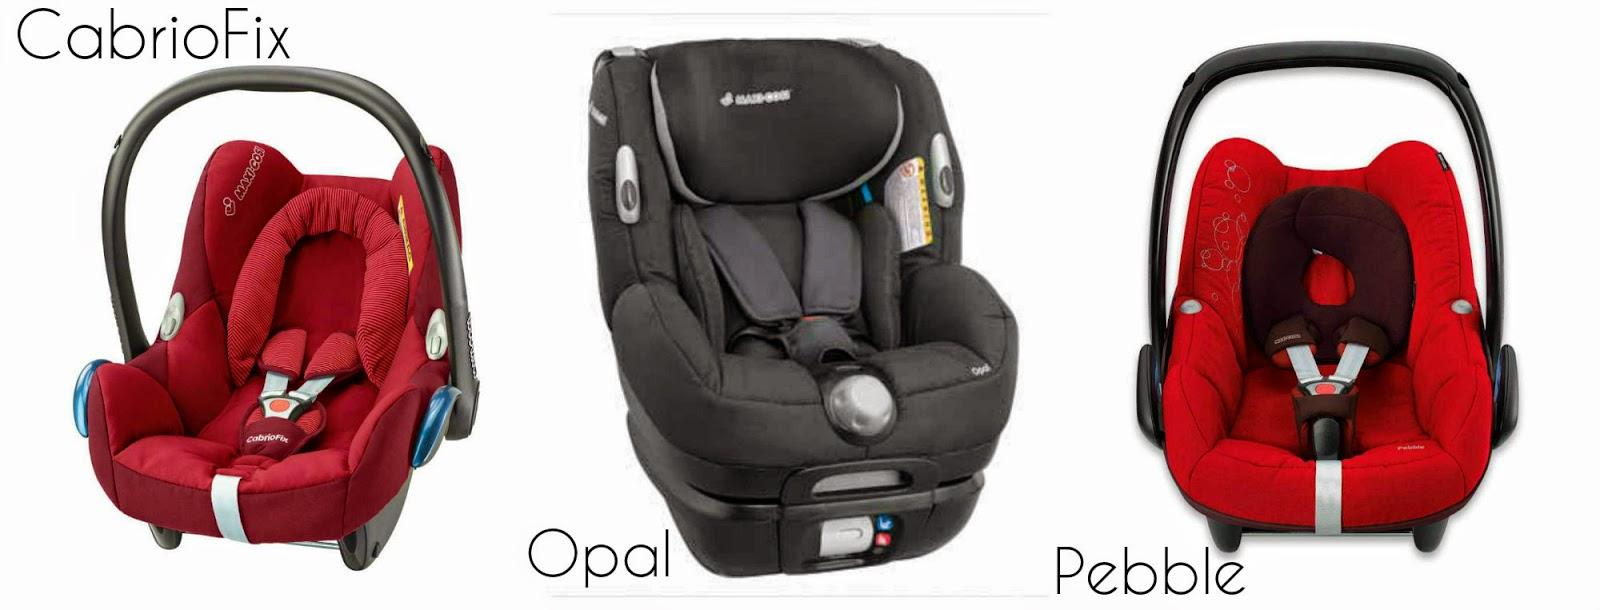 57e6b079e94 I love the designs of these Maxi-Cosi car seats. The CabrioFix